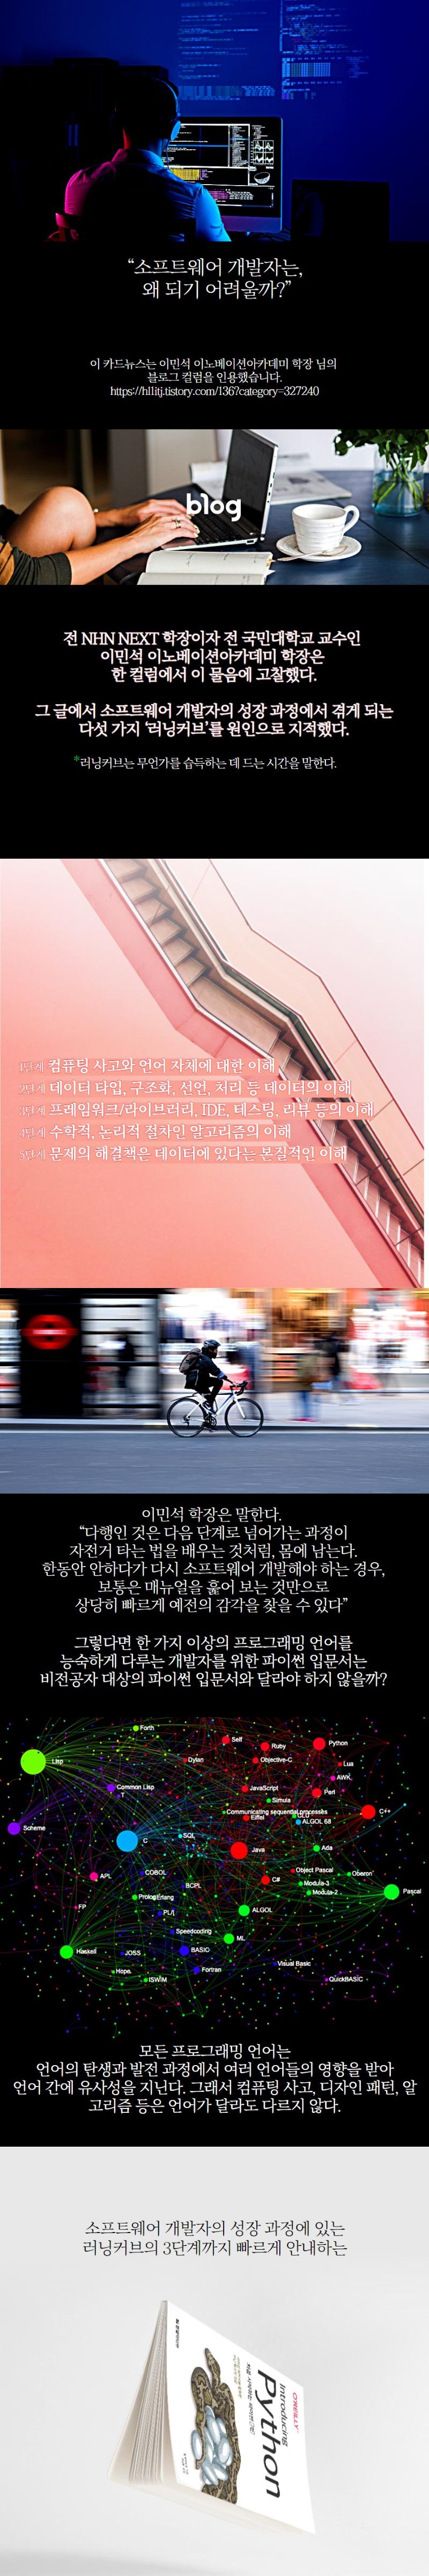 상세이미지_처음 시작하는 파이썬 2판_700.jpg